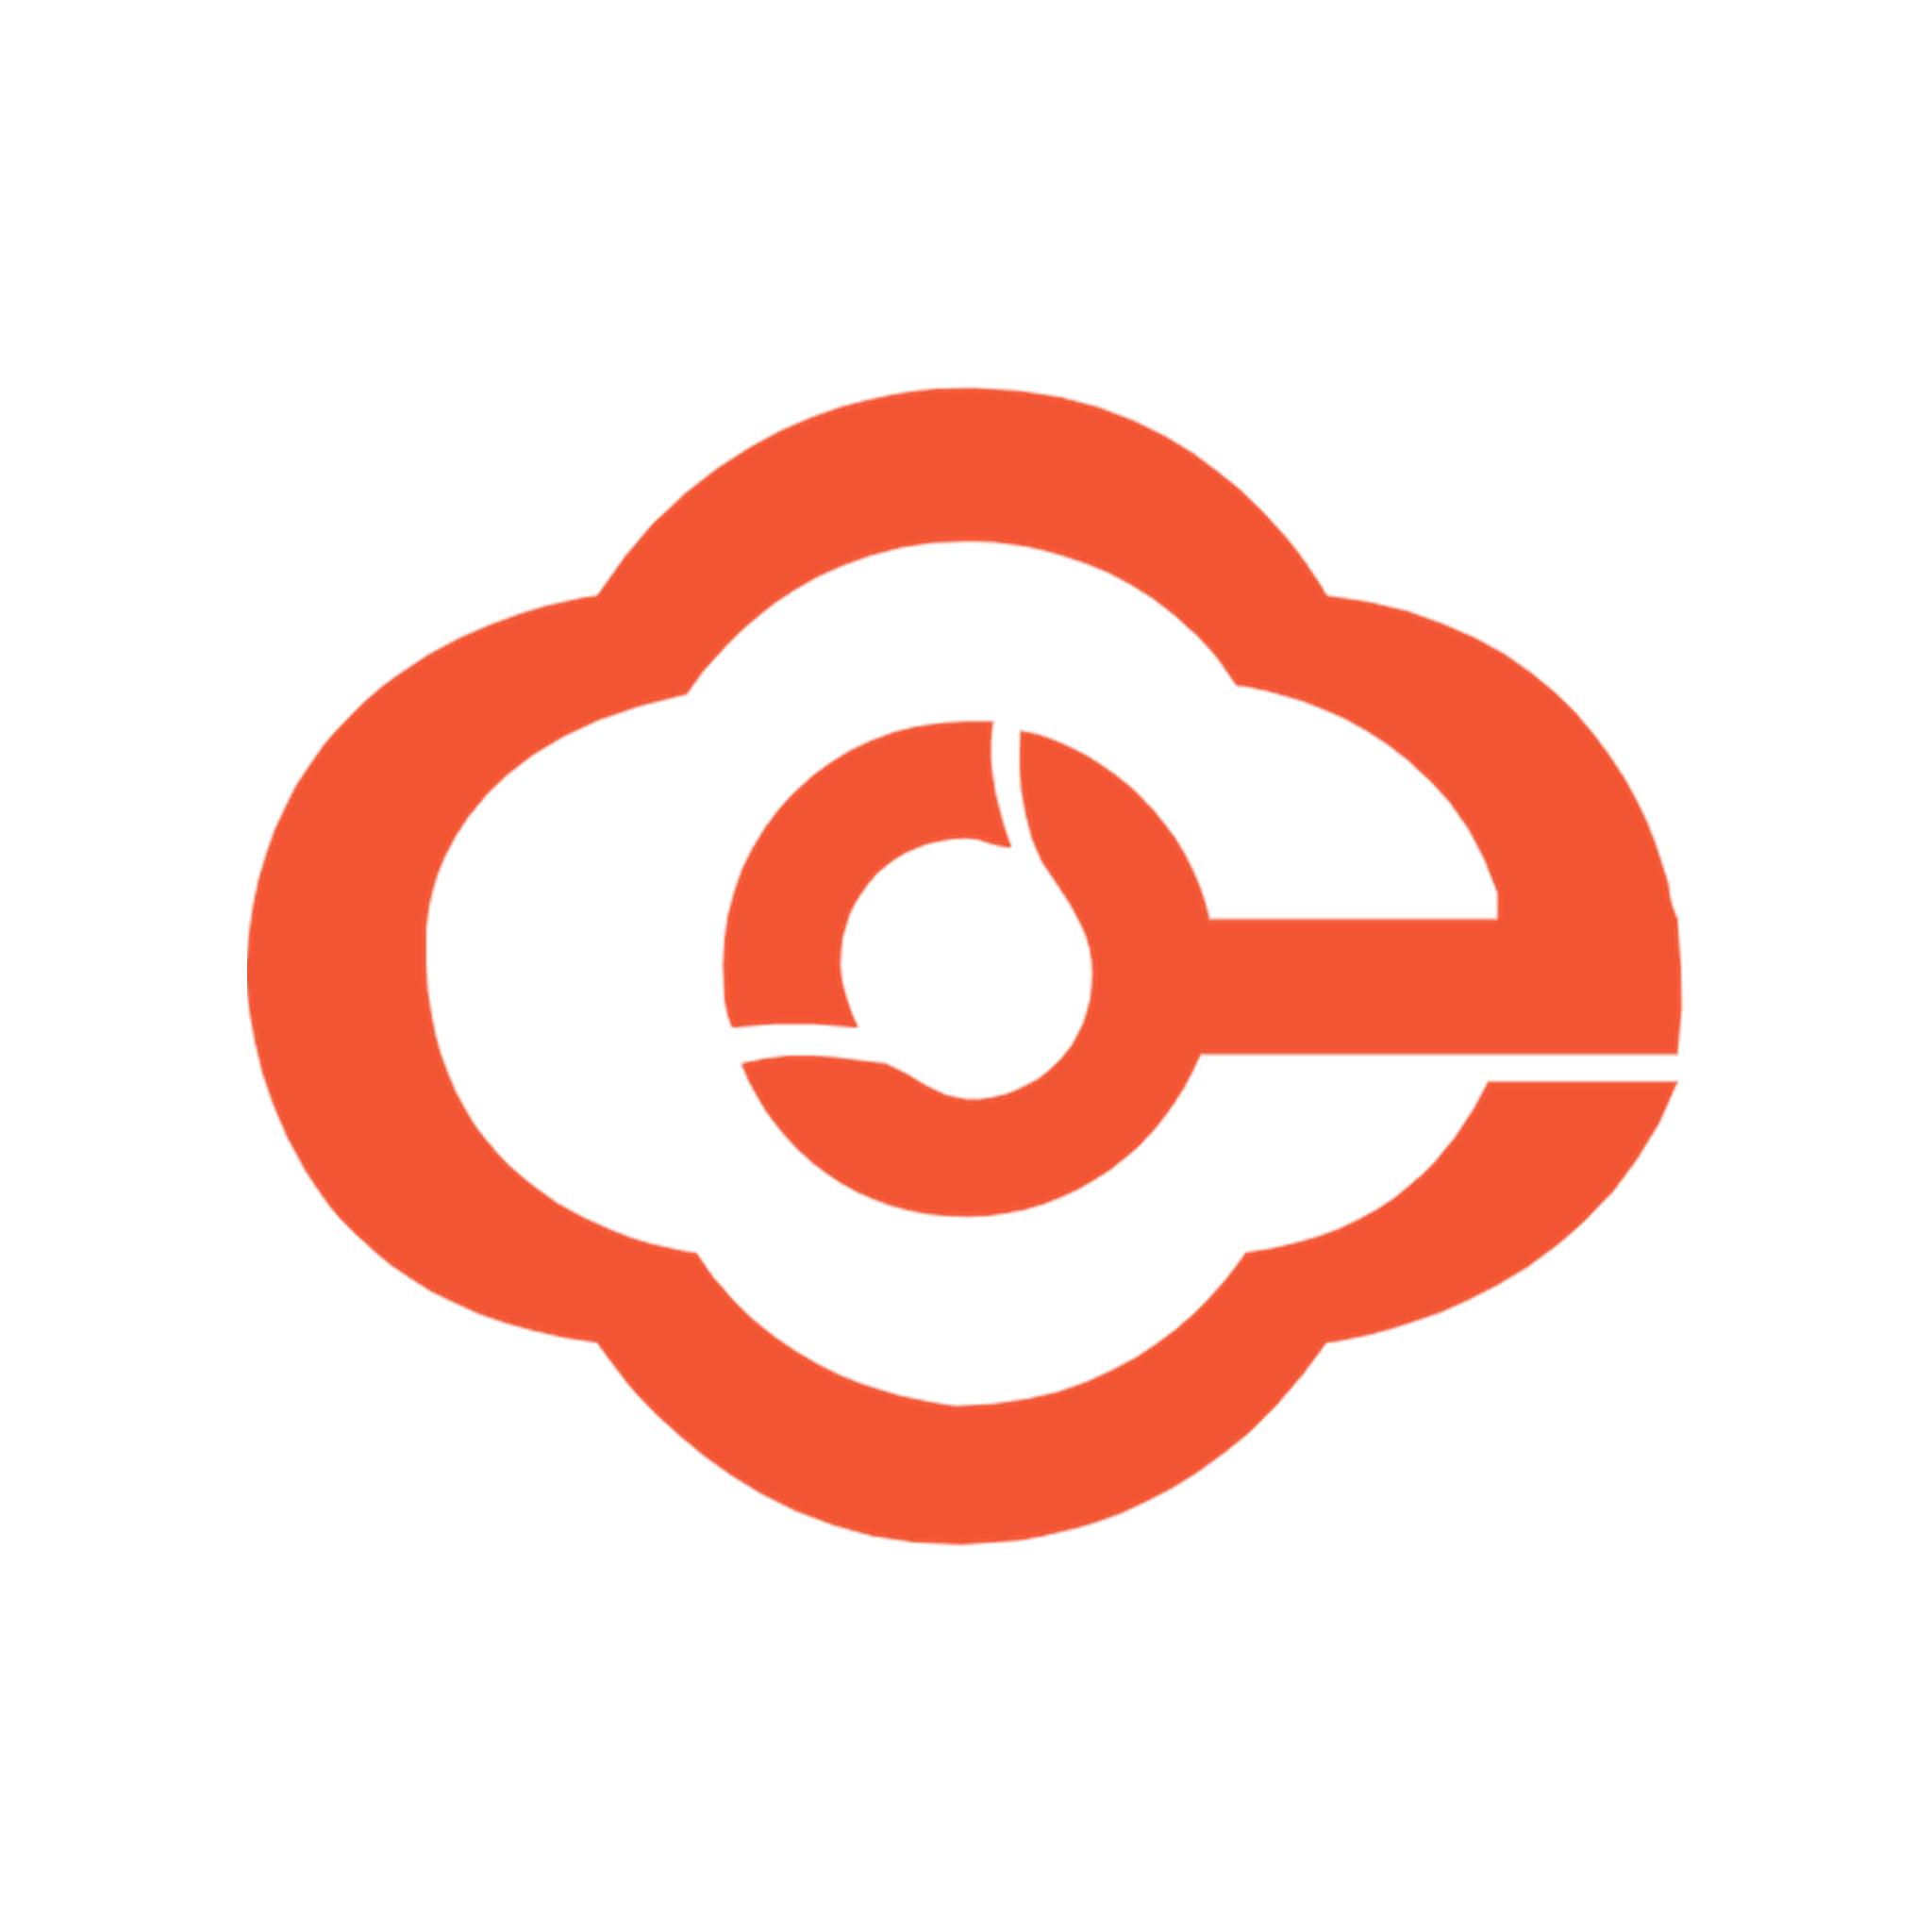 海口市不动产云登记平台appv1.0 安卓版